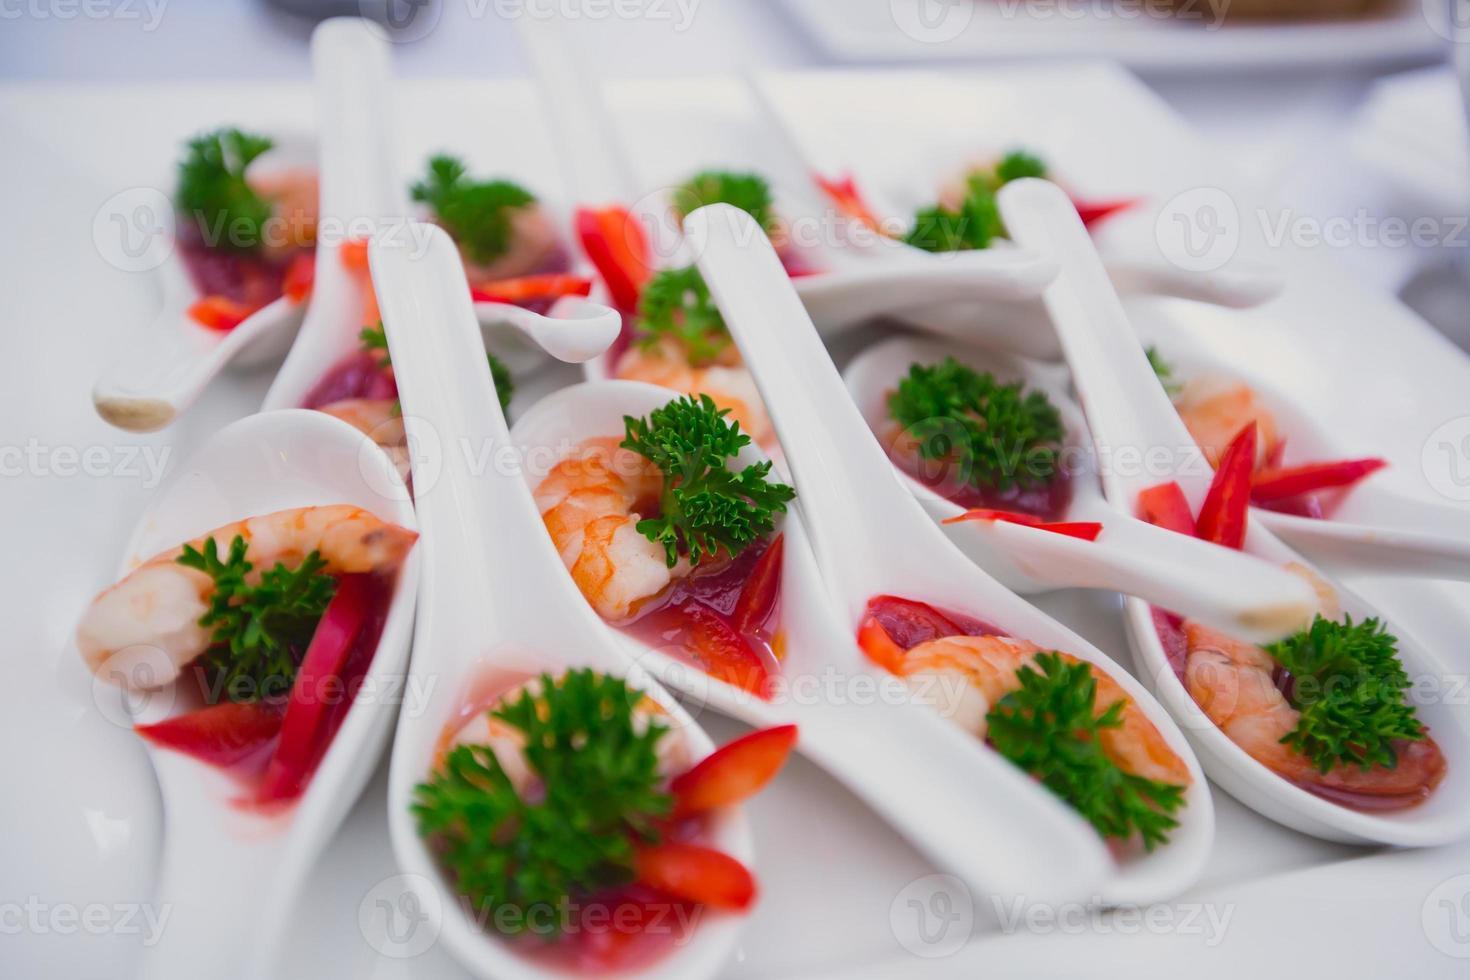 Wunderschön dekorierter Catering-Banketttisch mit verschiedenen Vorspeisen foto